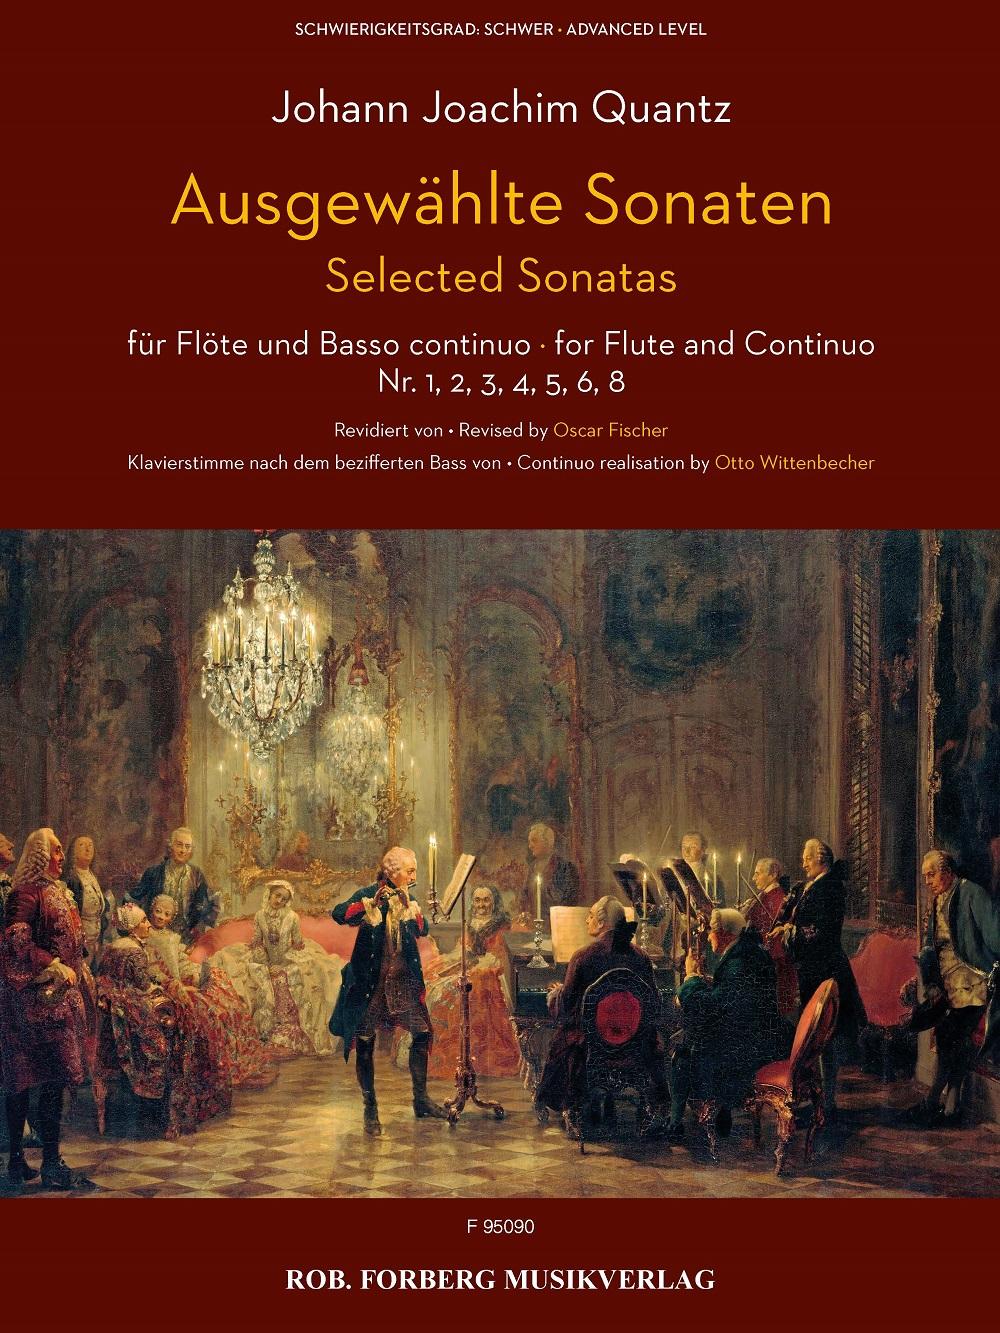 Johann Joachim Quantz: Ausgewählte Sonaten für Flöte und Basso continuo: Flute: